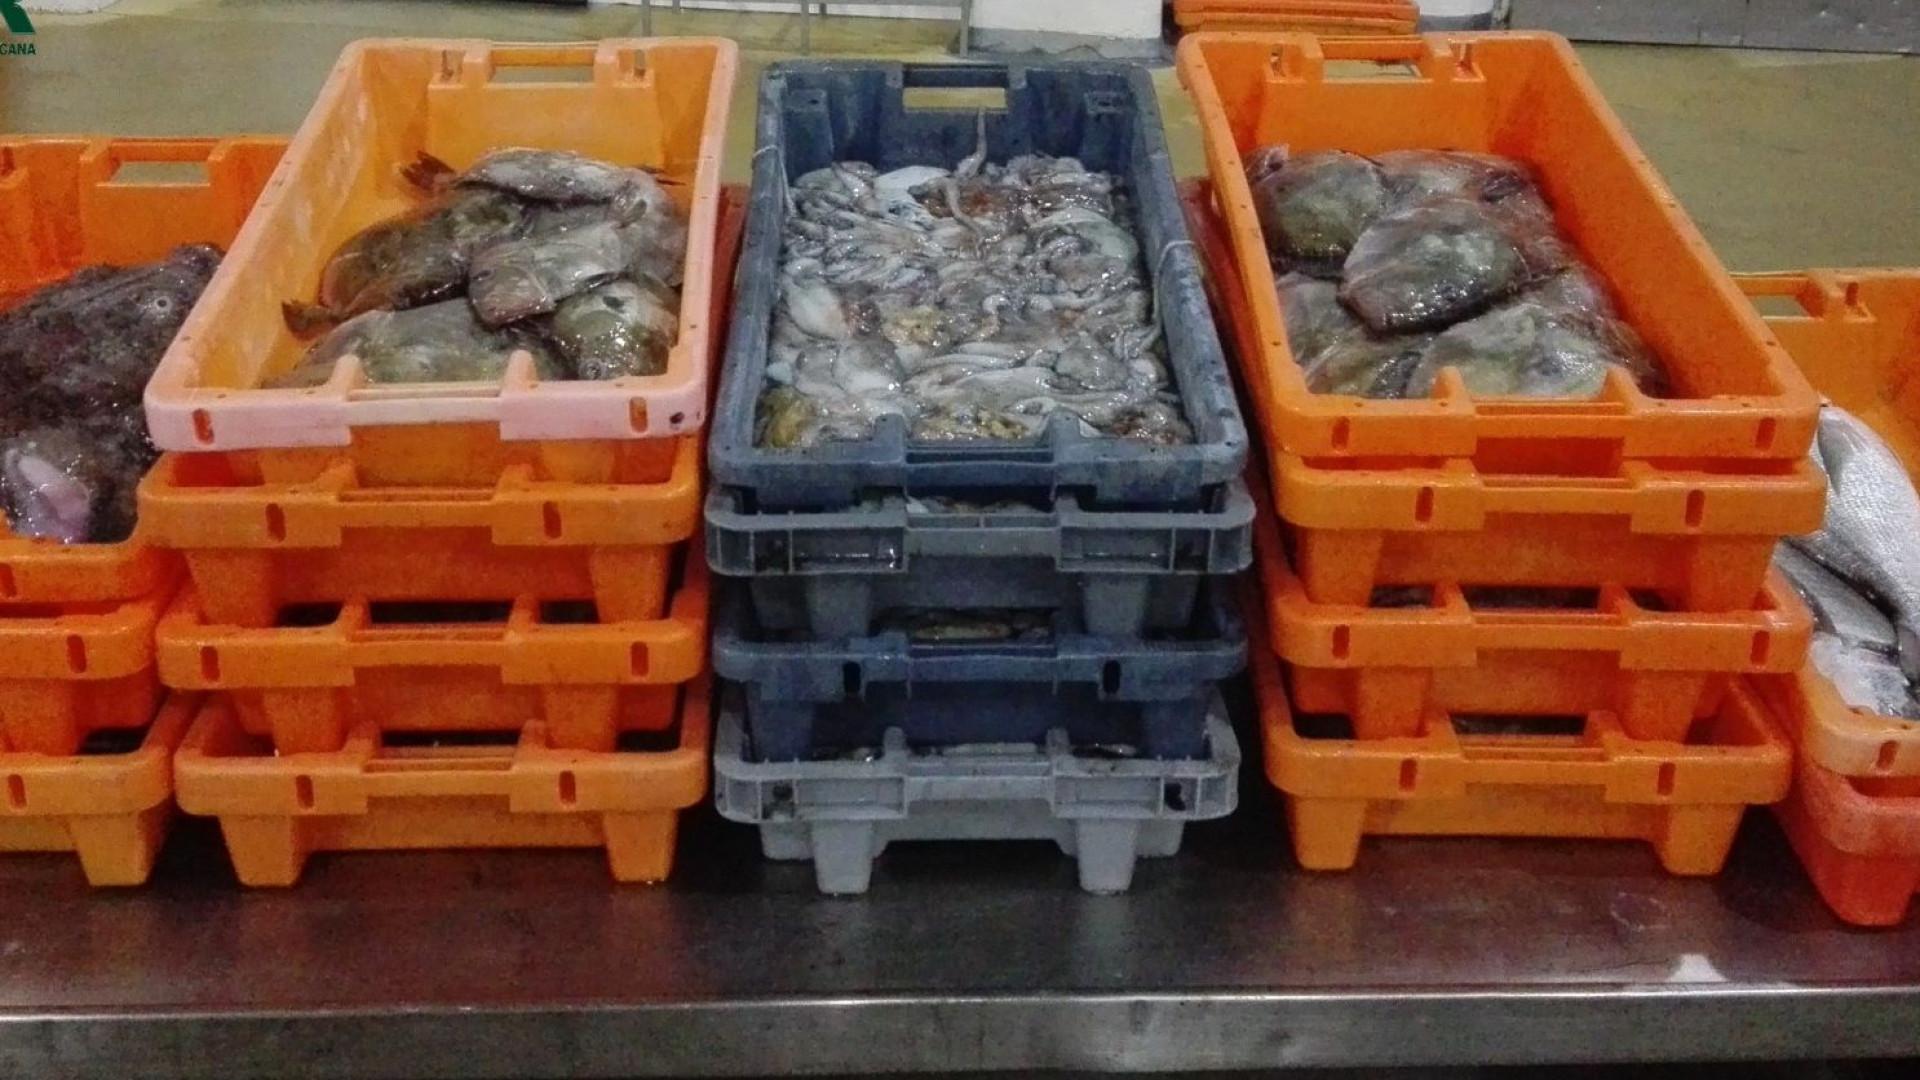 GNR doa pescado apreendido a instituições de solidariedade